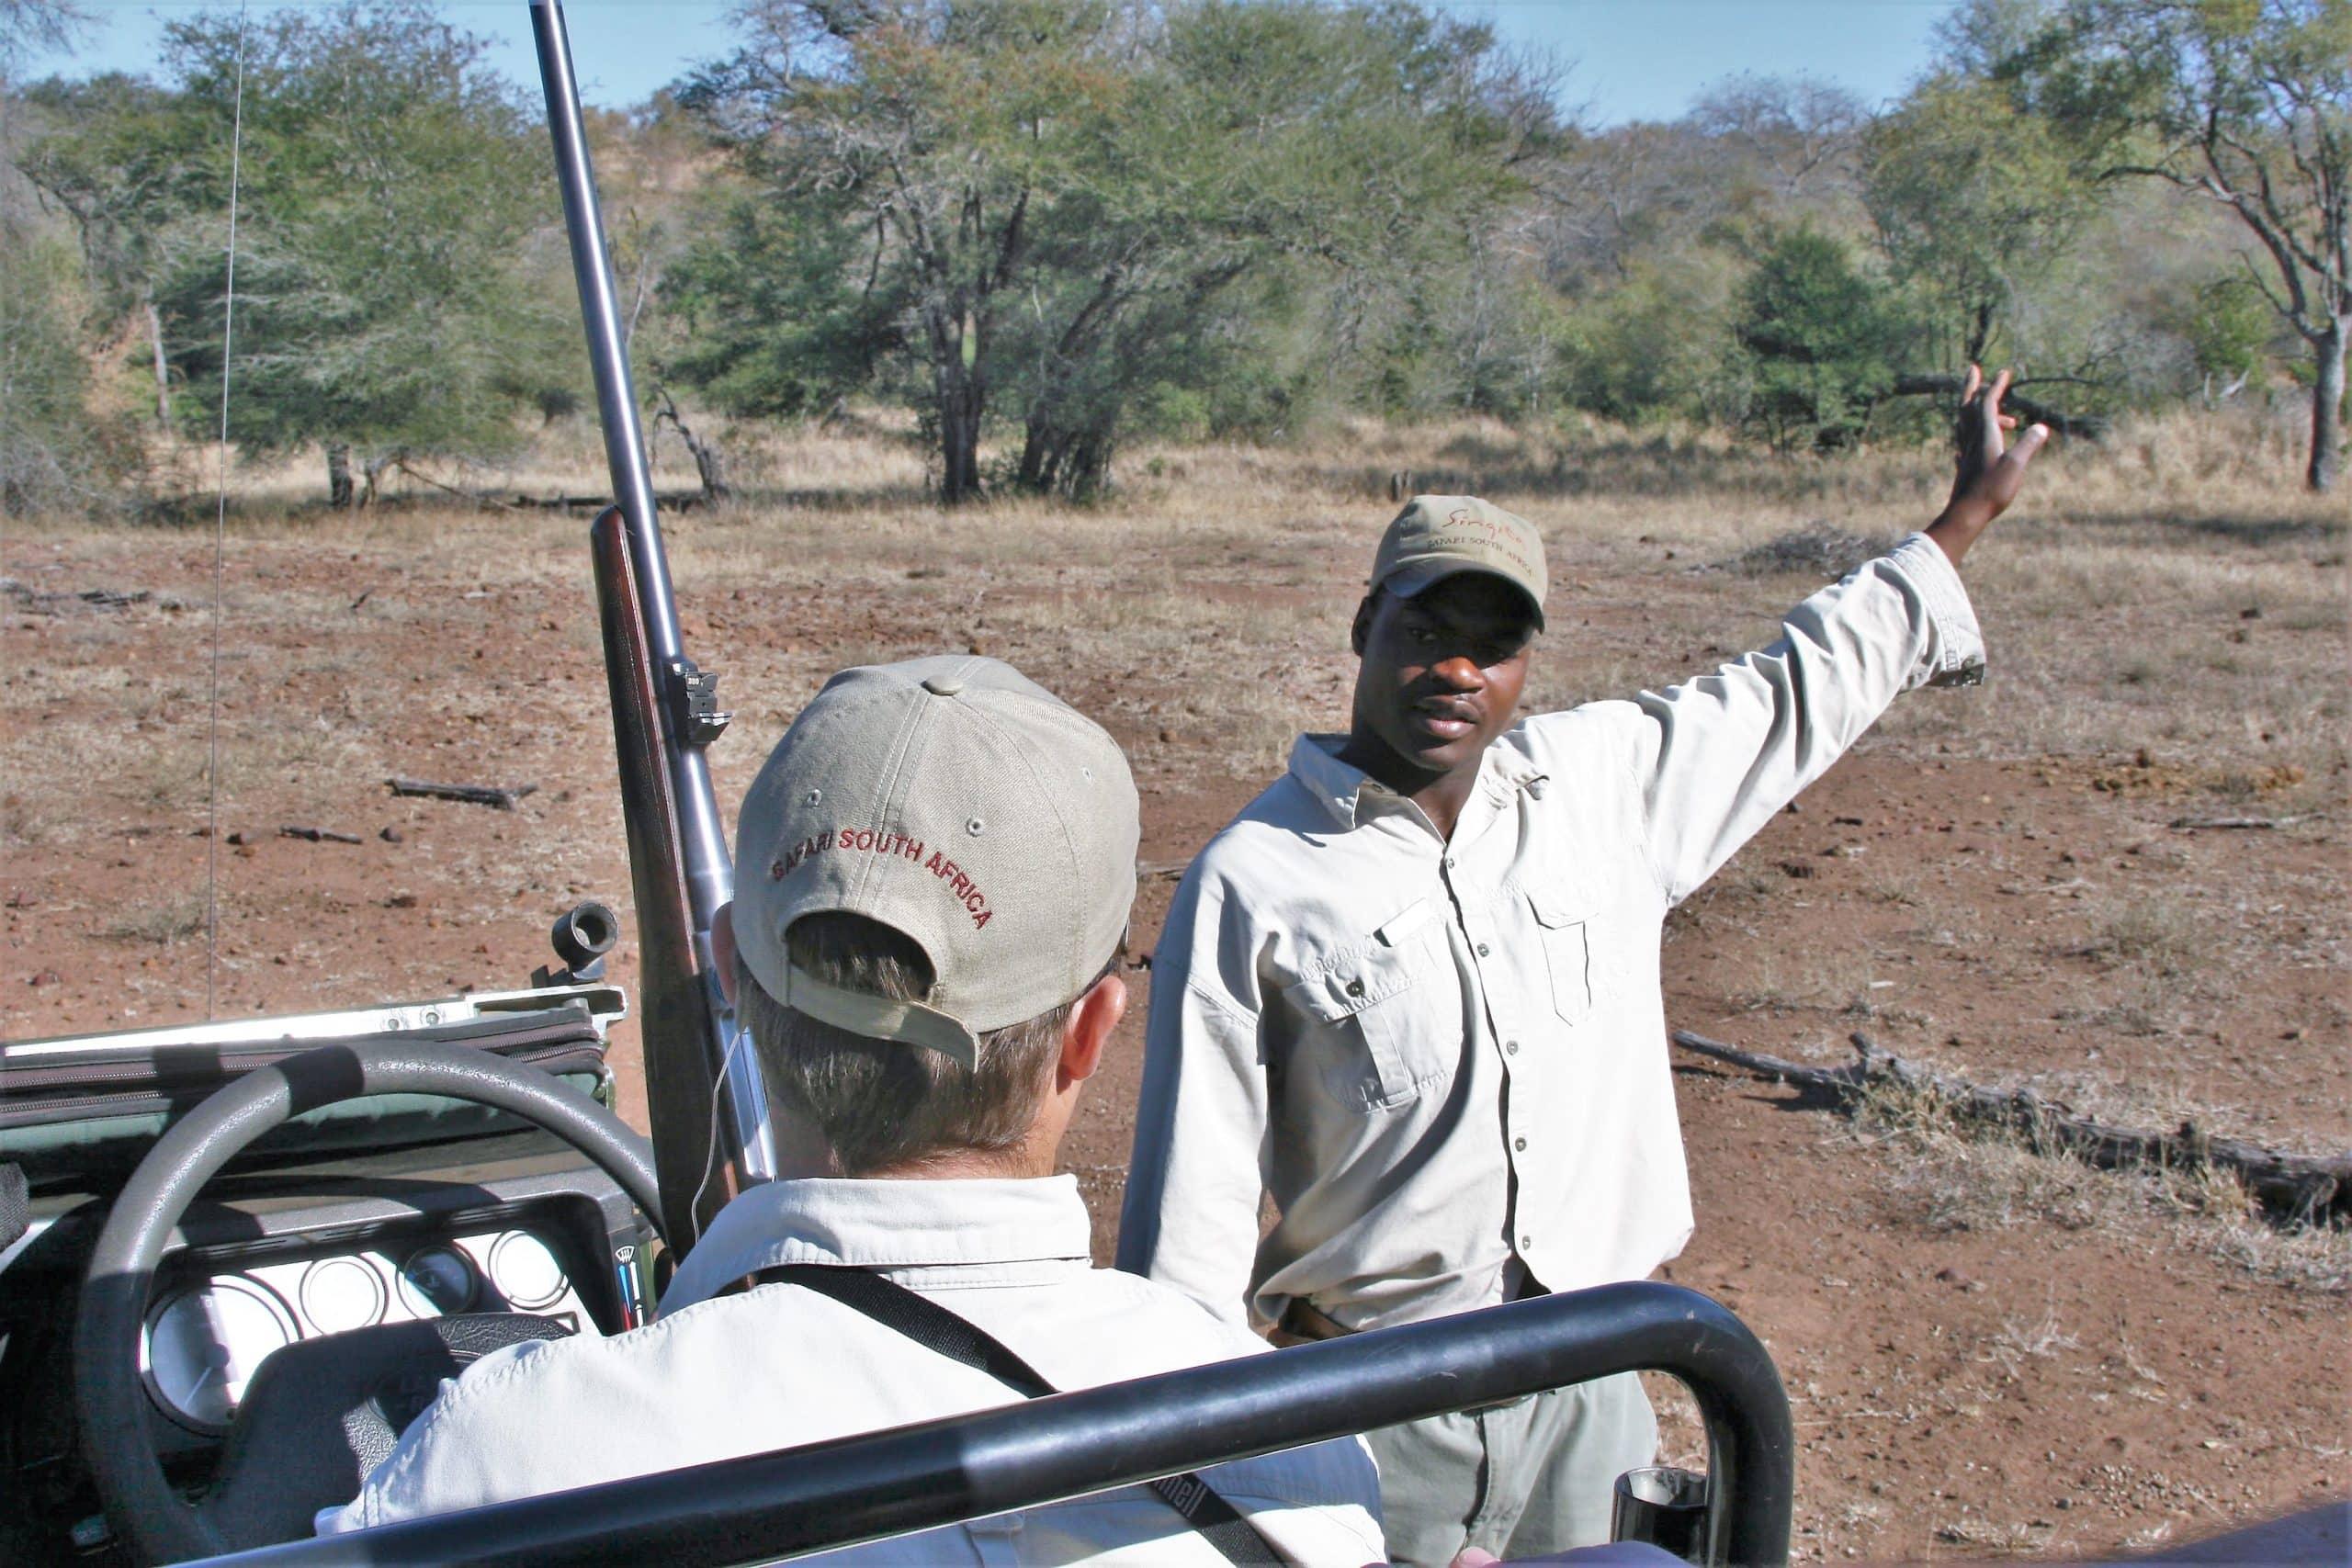 Guide Jared and tracker Thambo at Singita Lebombo